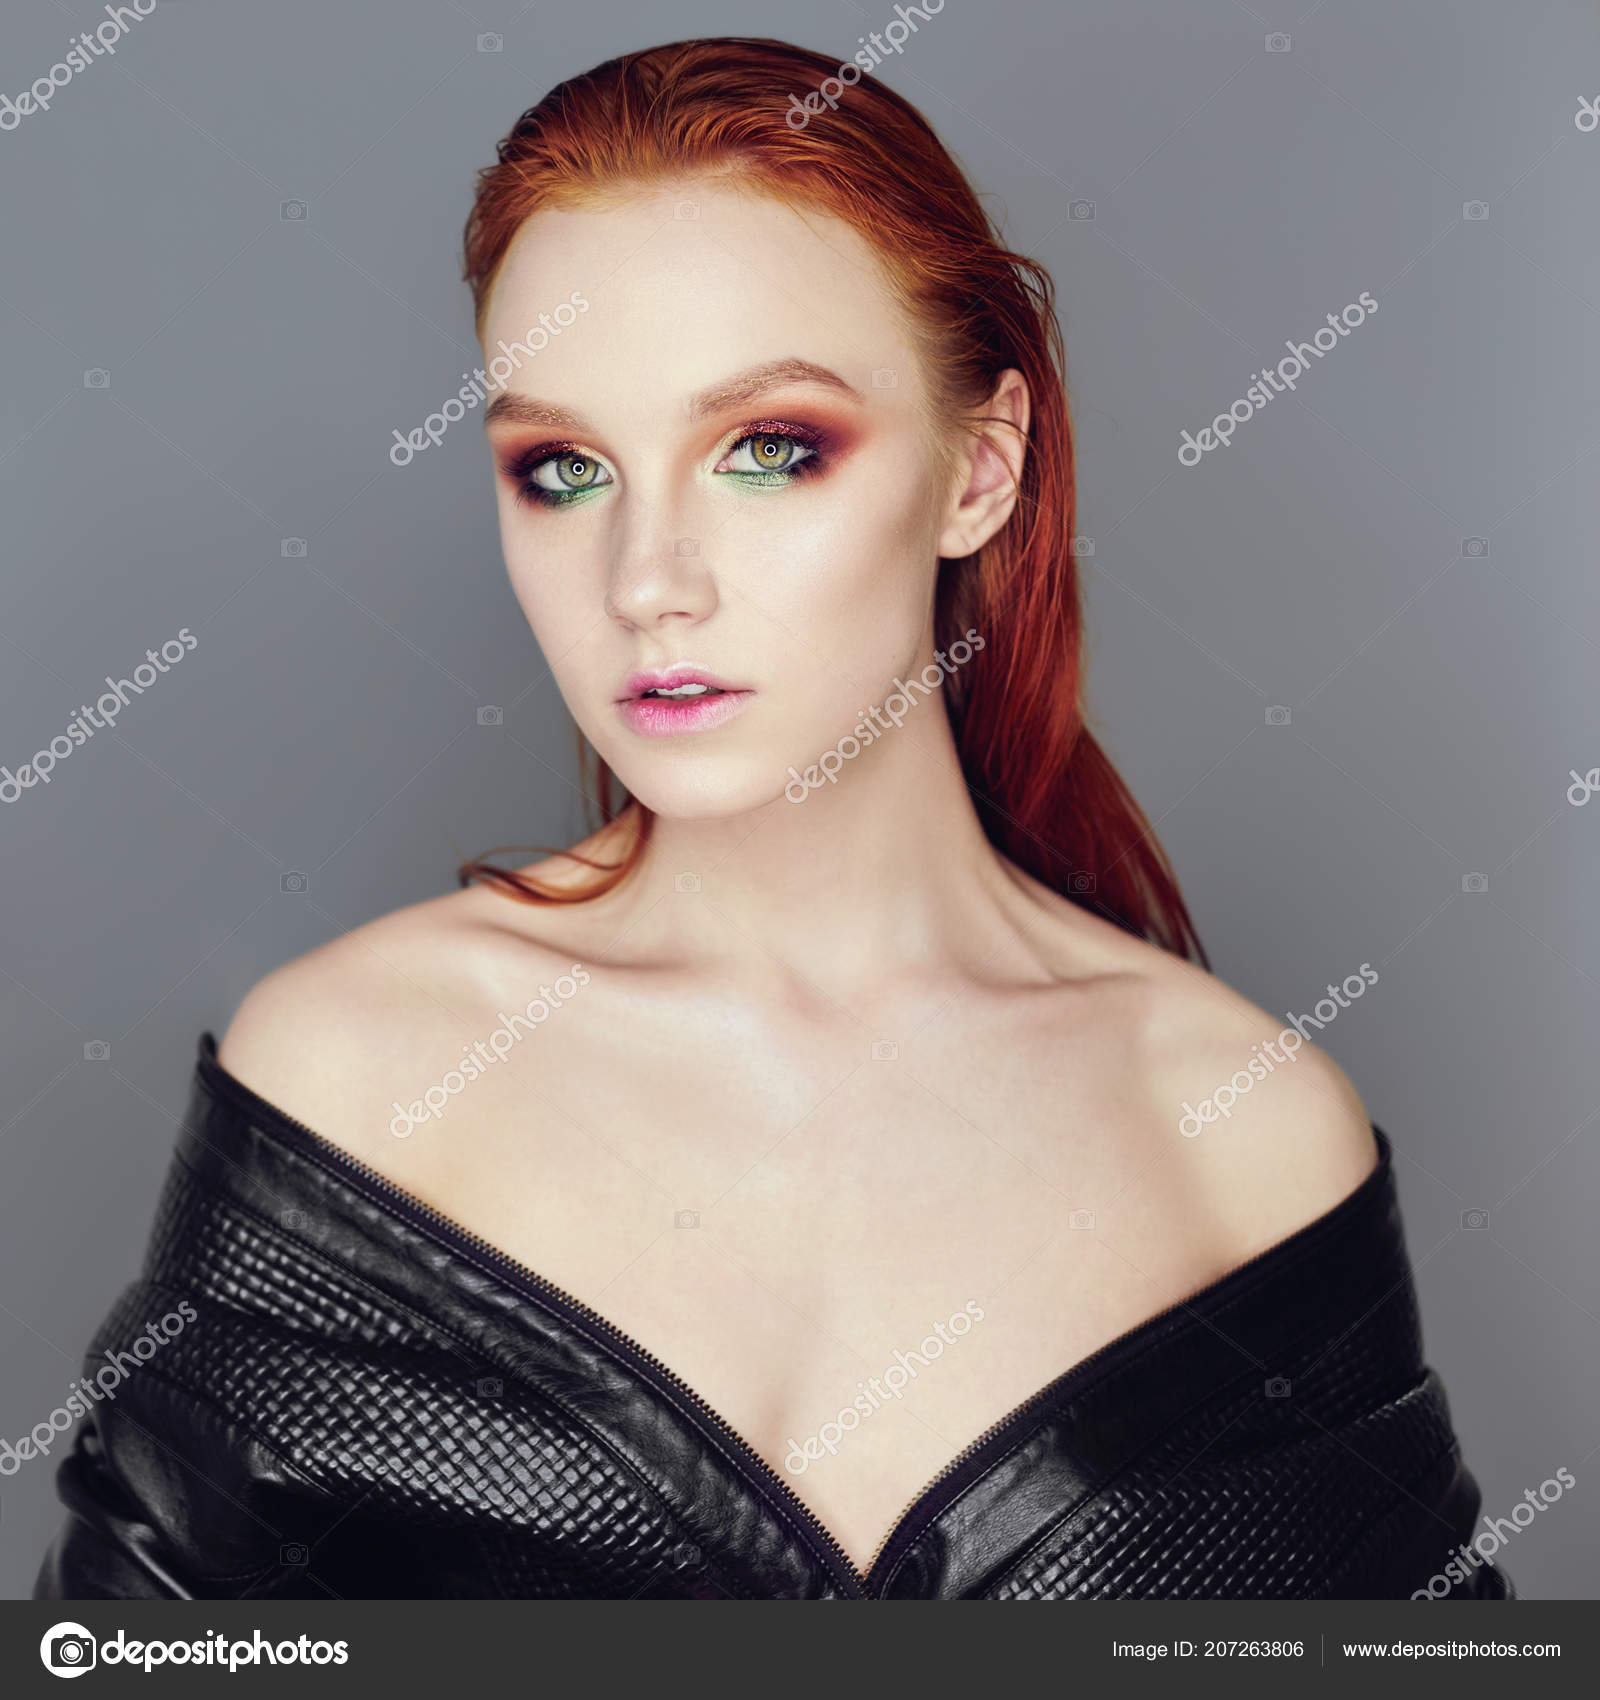 Анал голая девушка с идеальным лицом